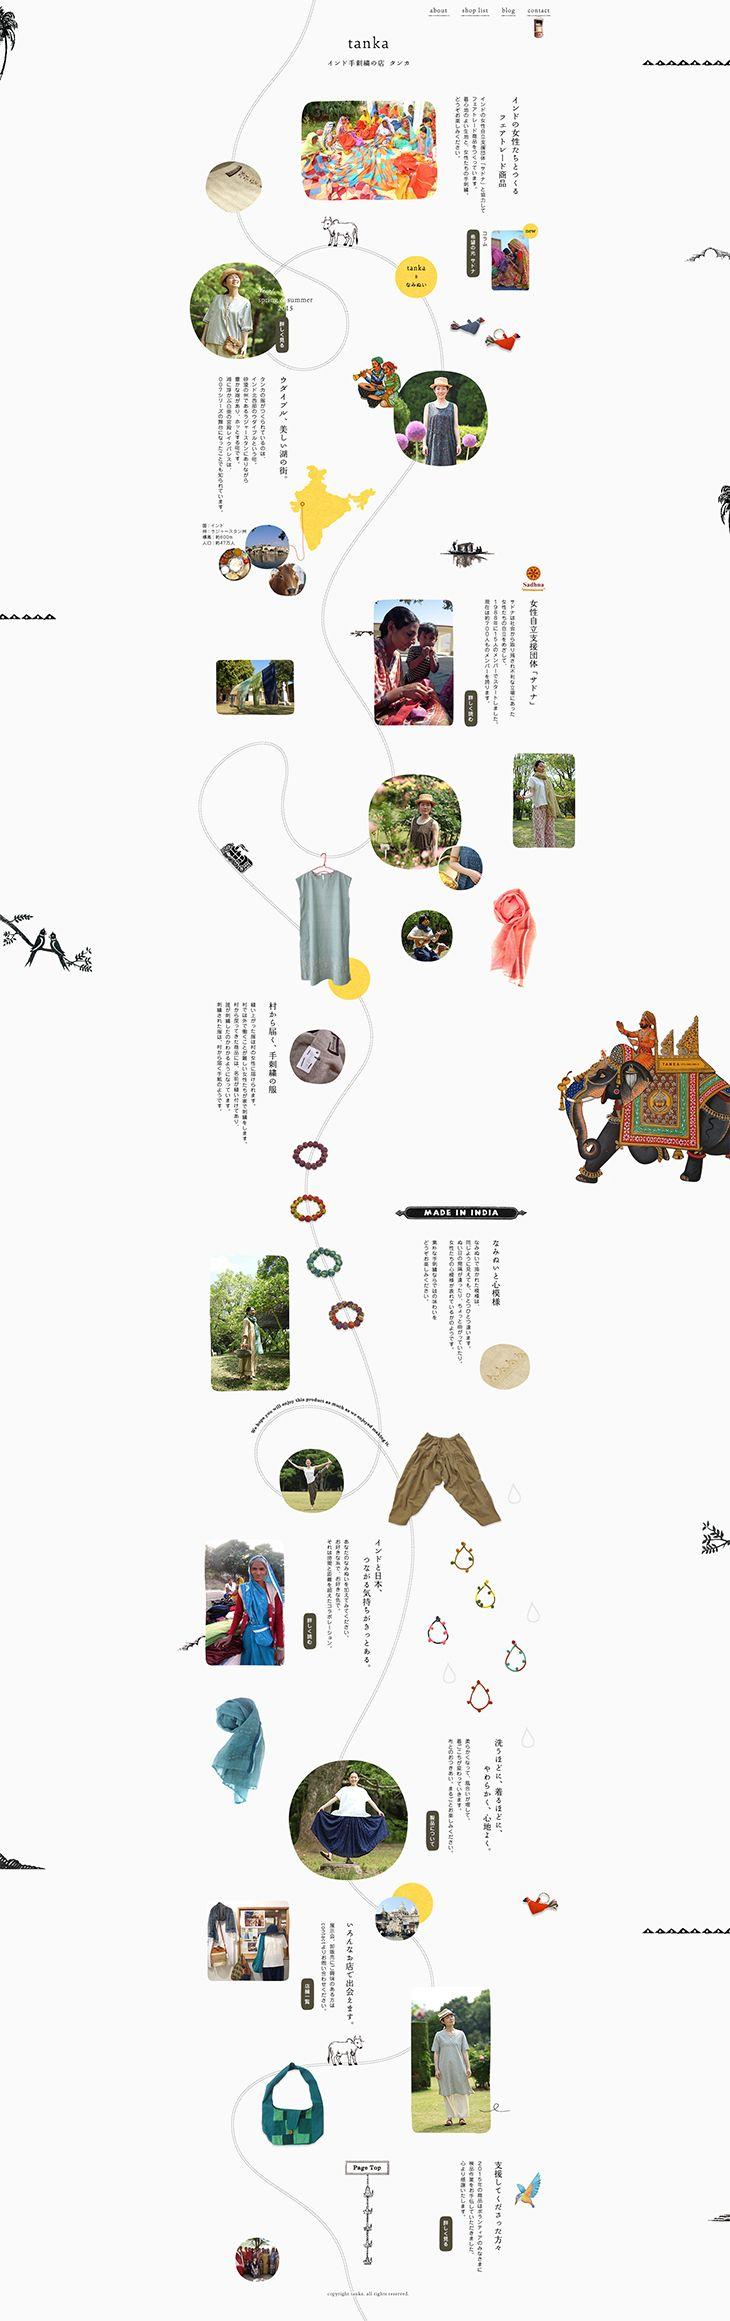 インドの刺繍店 タンカ【ファッション関連】のLPデザイン。WEBデザイナーさん必見!ランディングページのデザイン参考に(かわいい系)